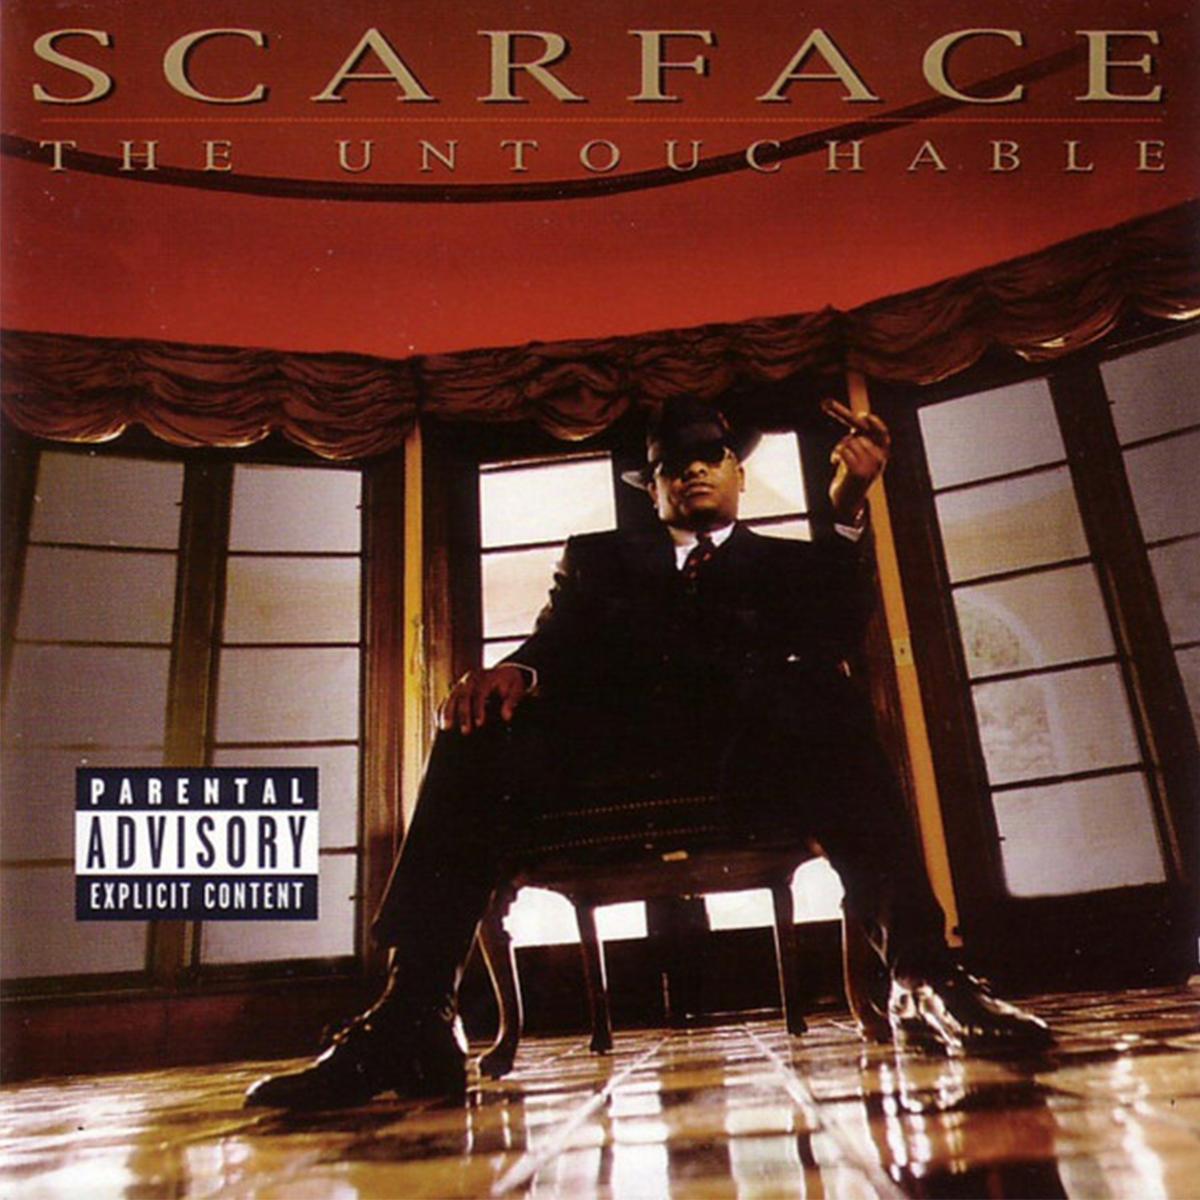 The Untouchable de Scarface